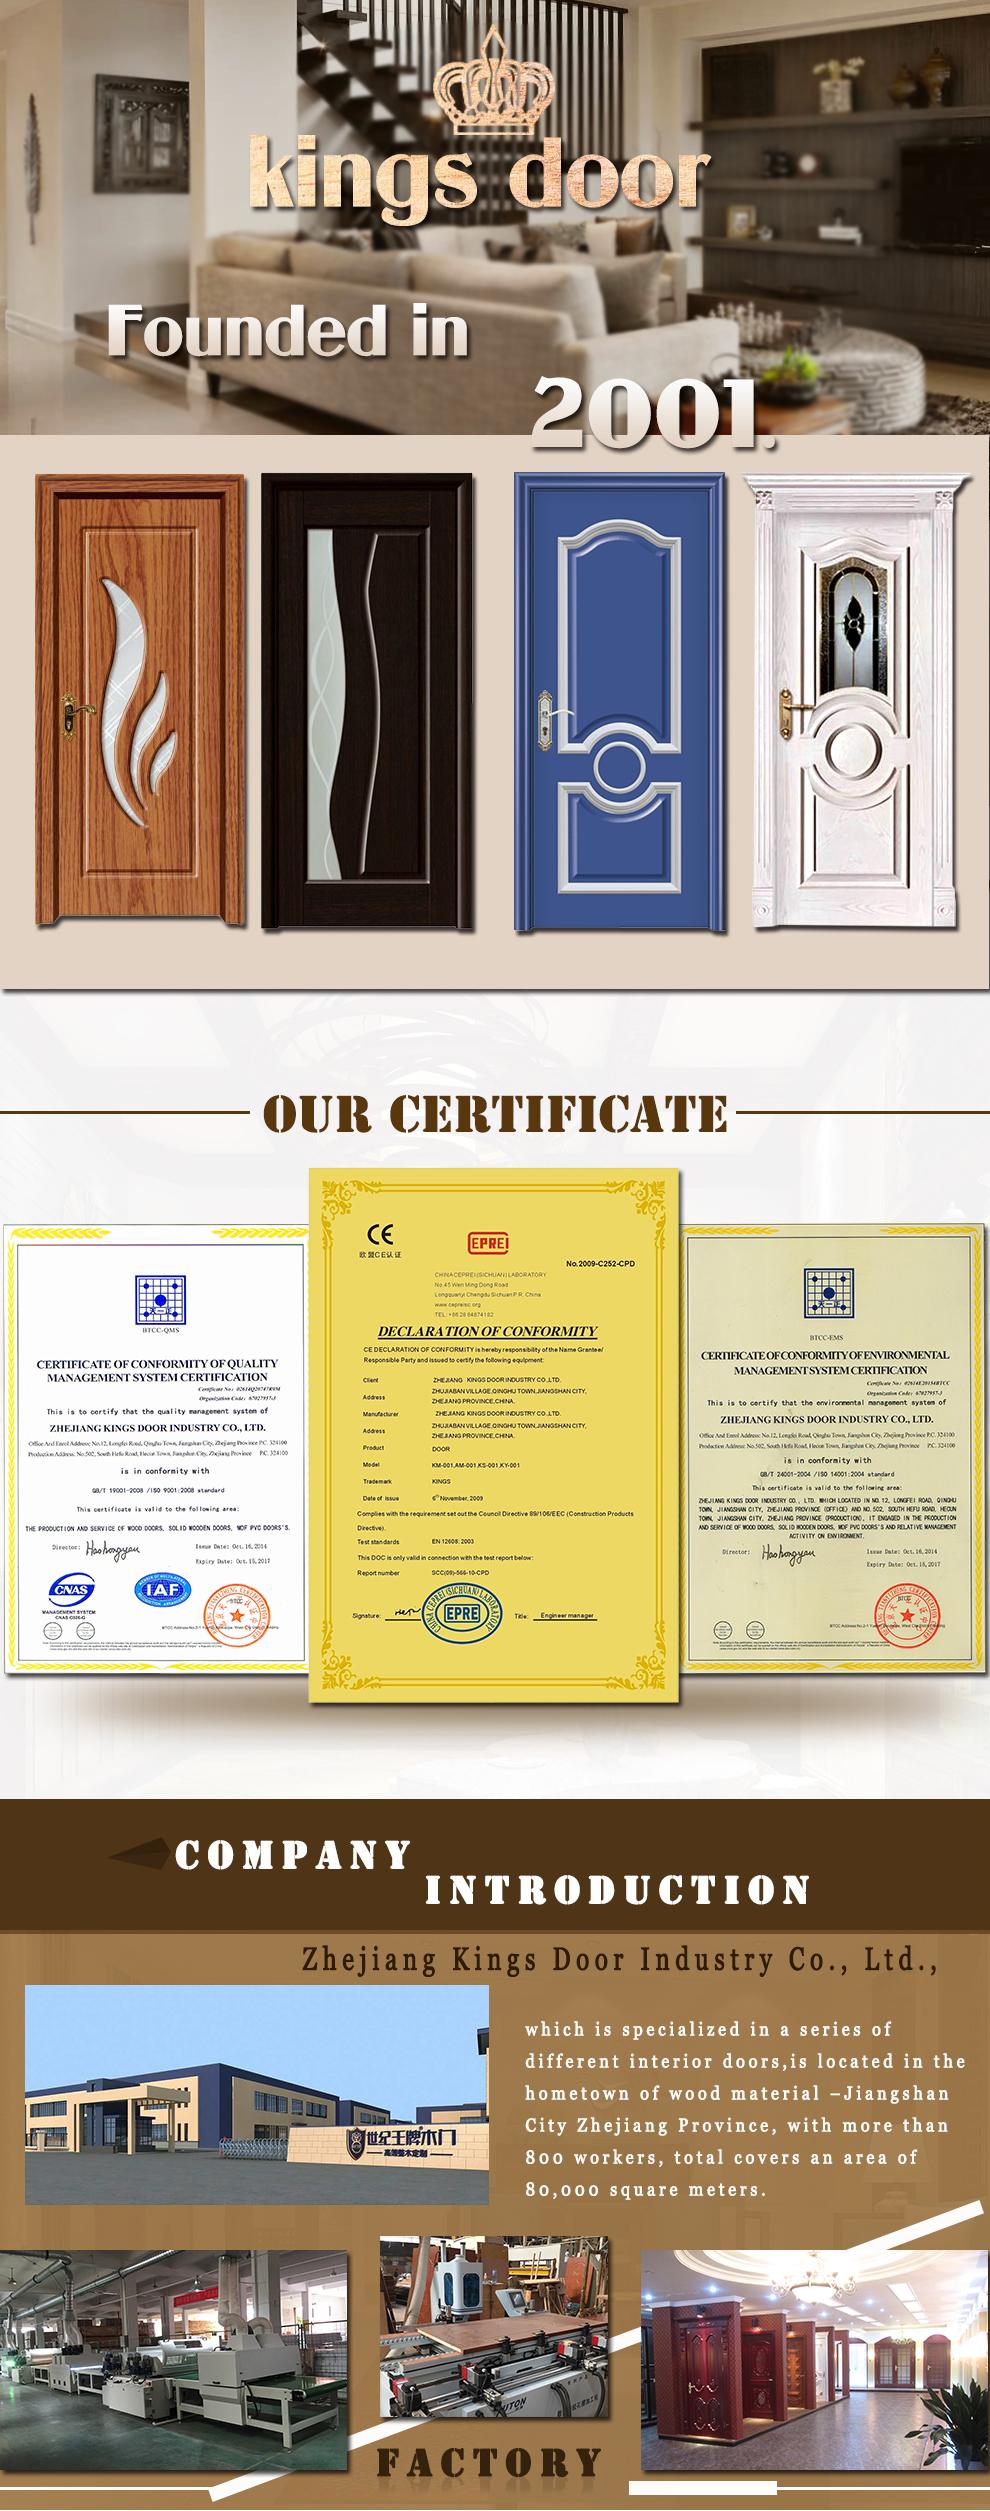 How do I set this? & Zhejiang Kings Door Industry Co. Ltd. - PVC DoorDoor